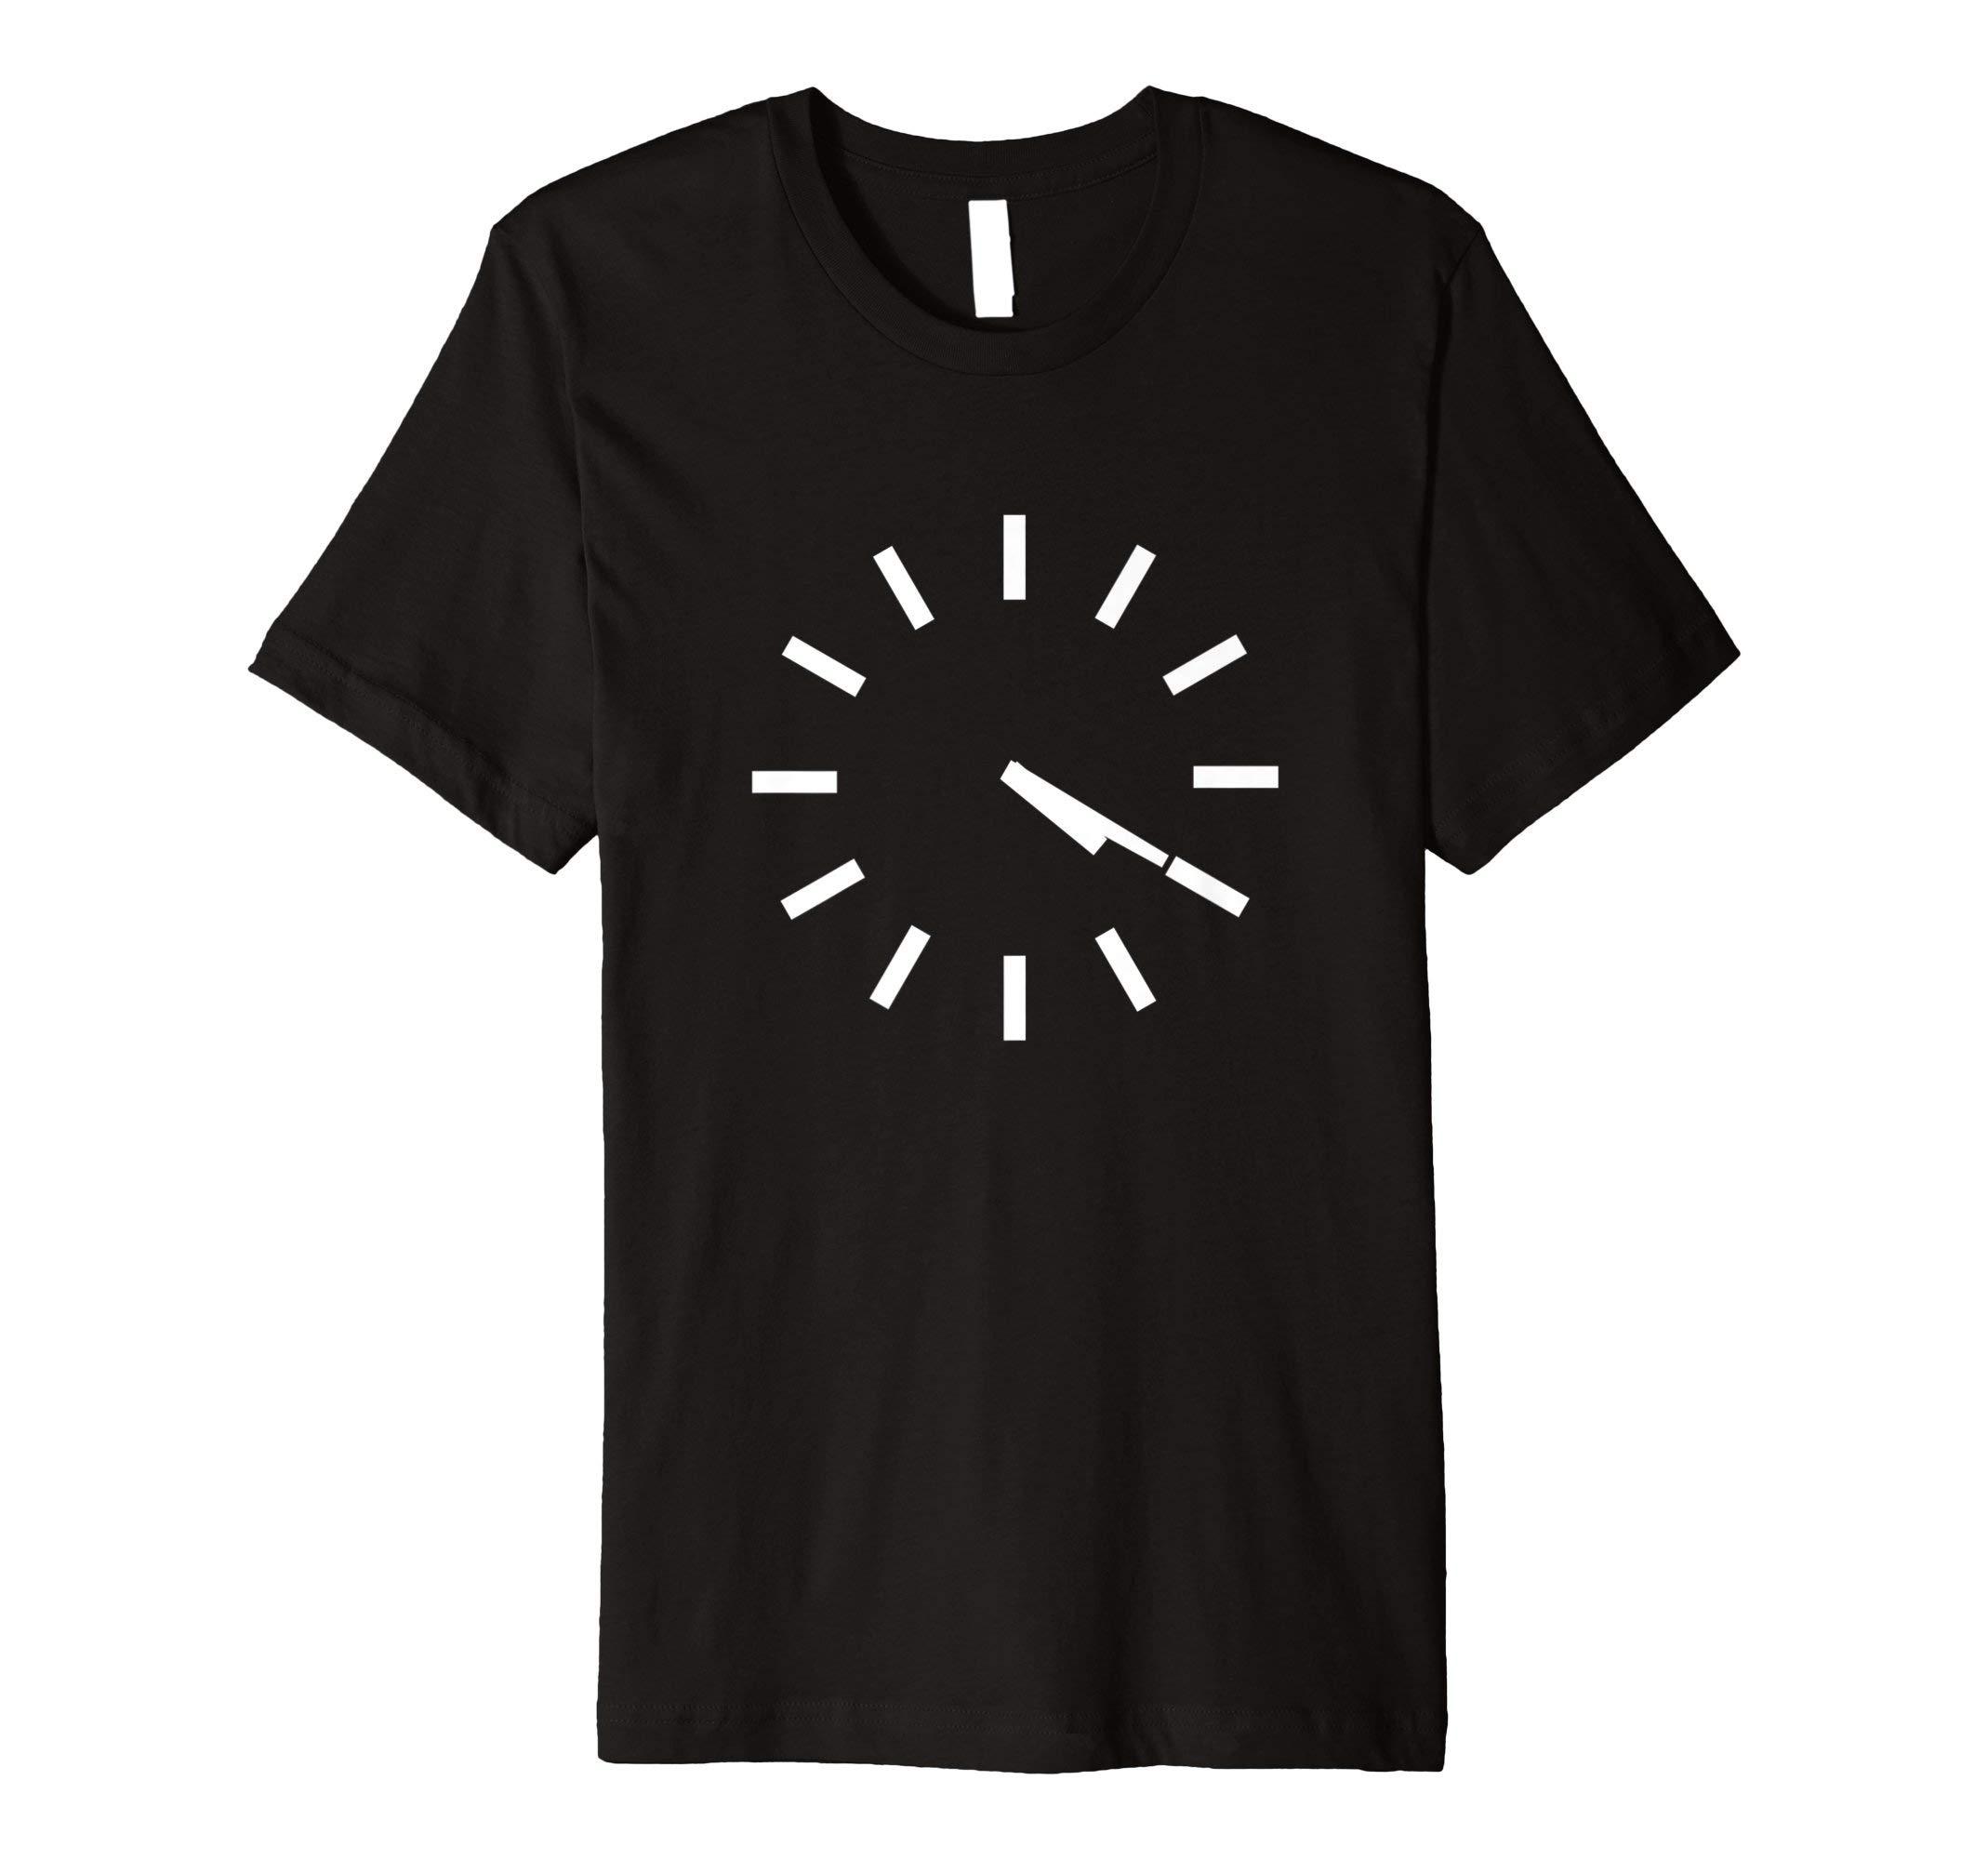 420 T Shirt – A More Subtle Stoner T-Shirt